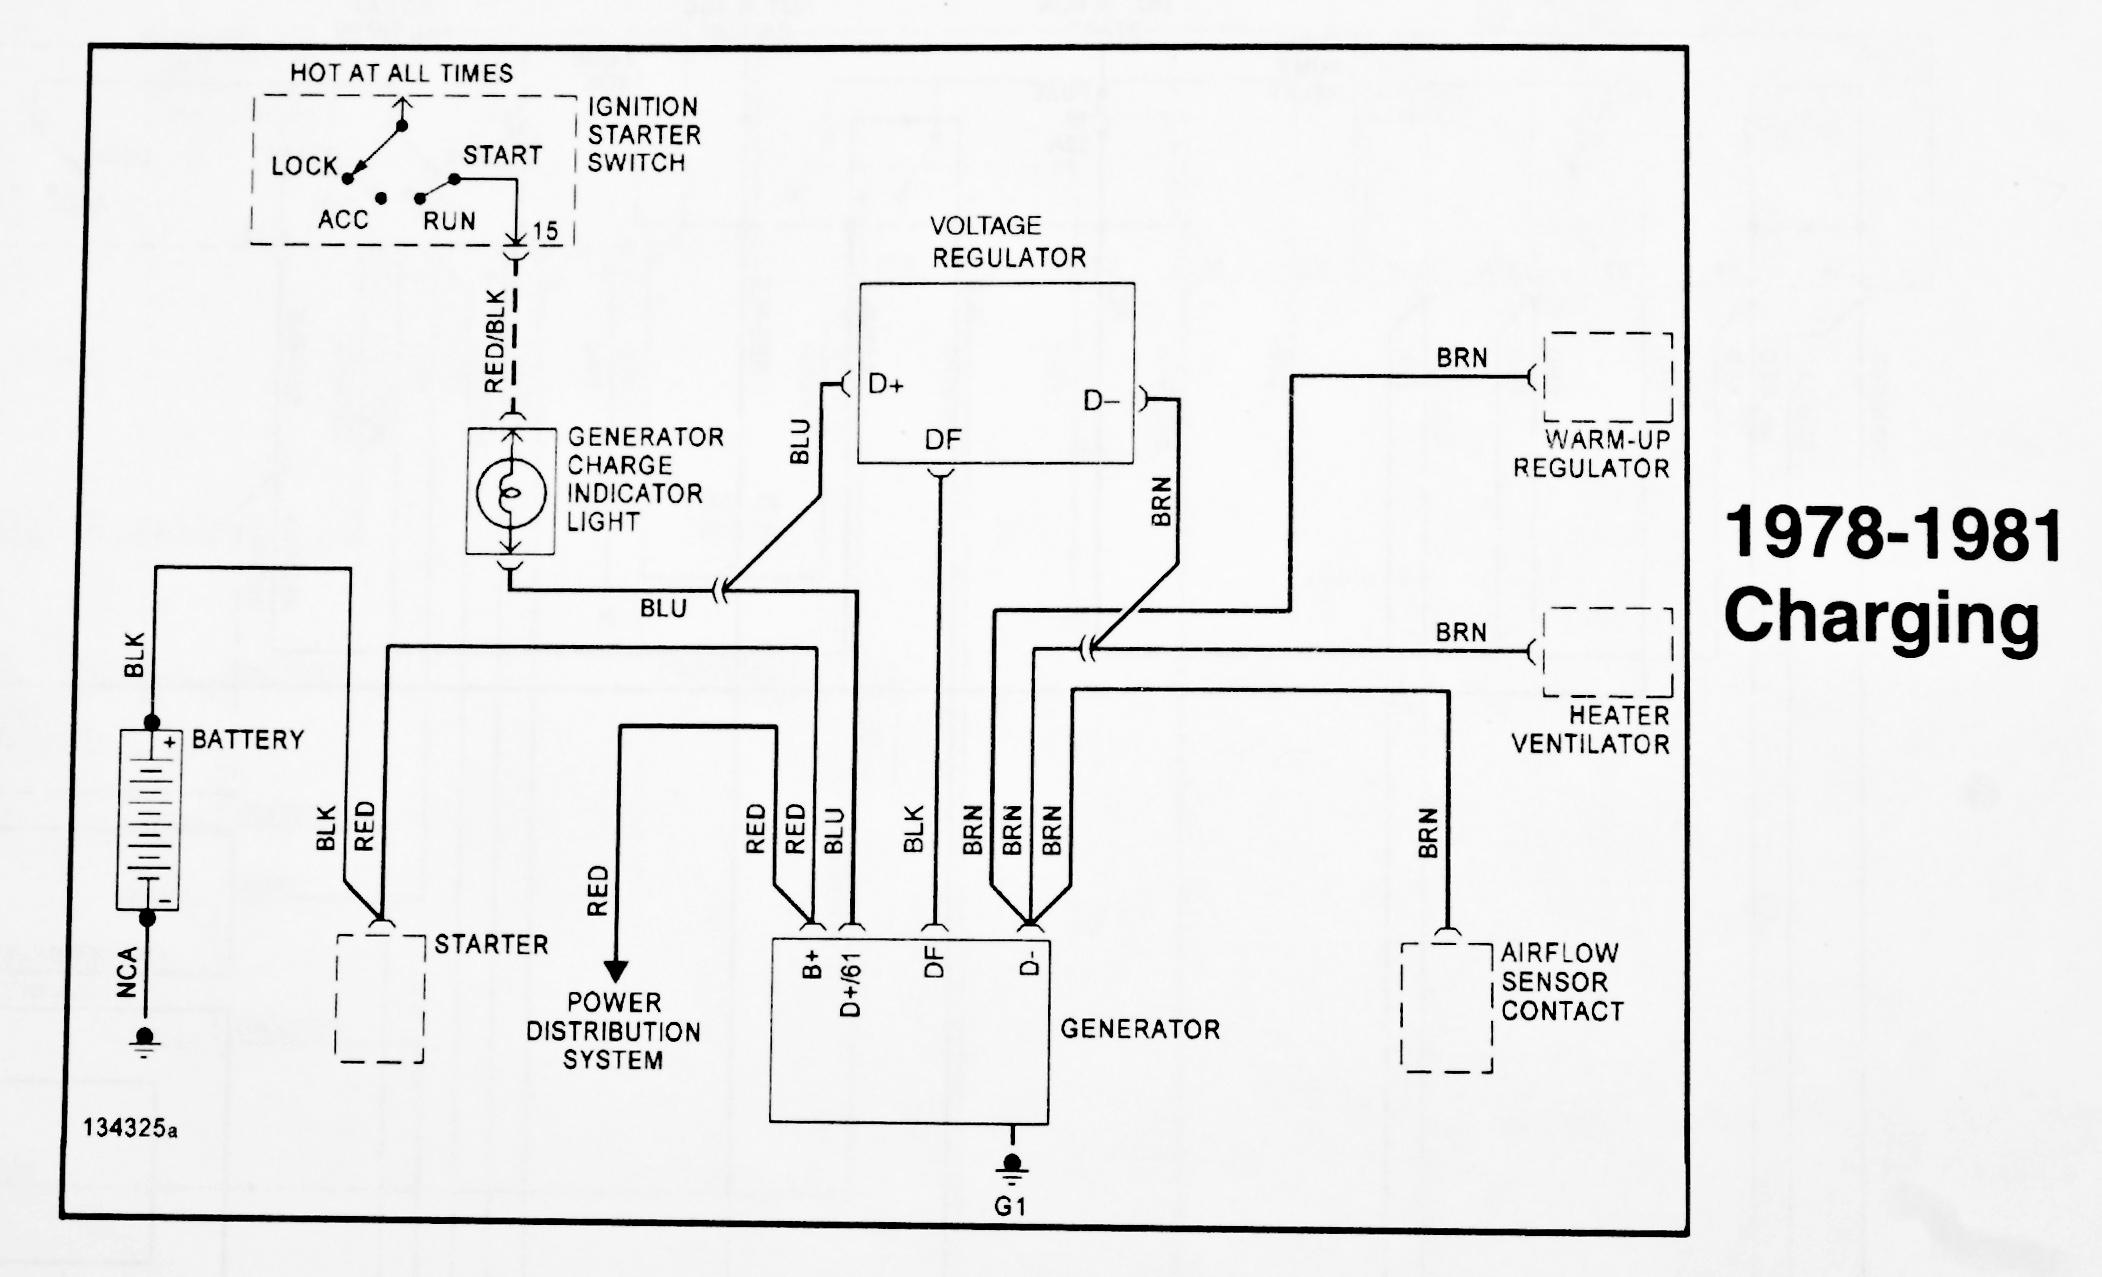 medium resolution of porsche 911 starter wiring diagram detailed schematics diagram rh antonartgallery com porsche 944 turbo engine diagram